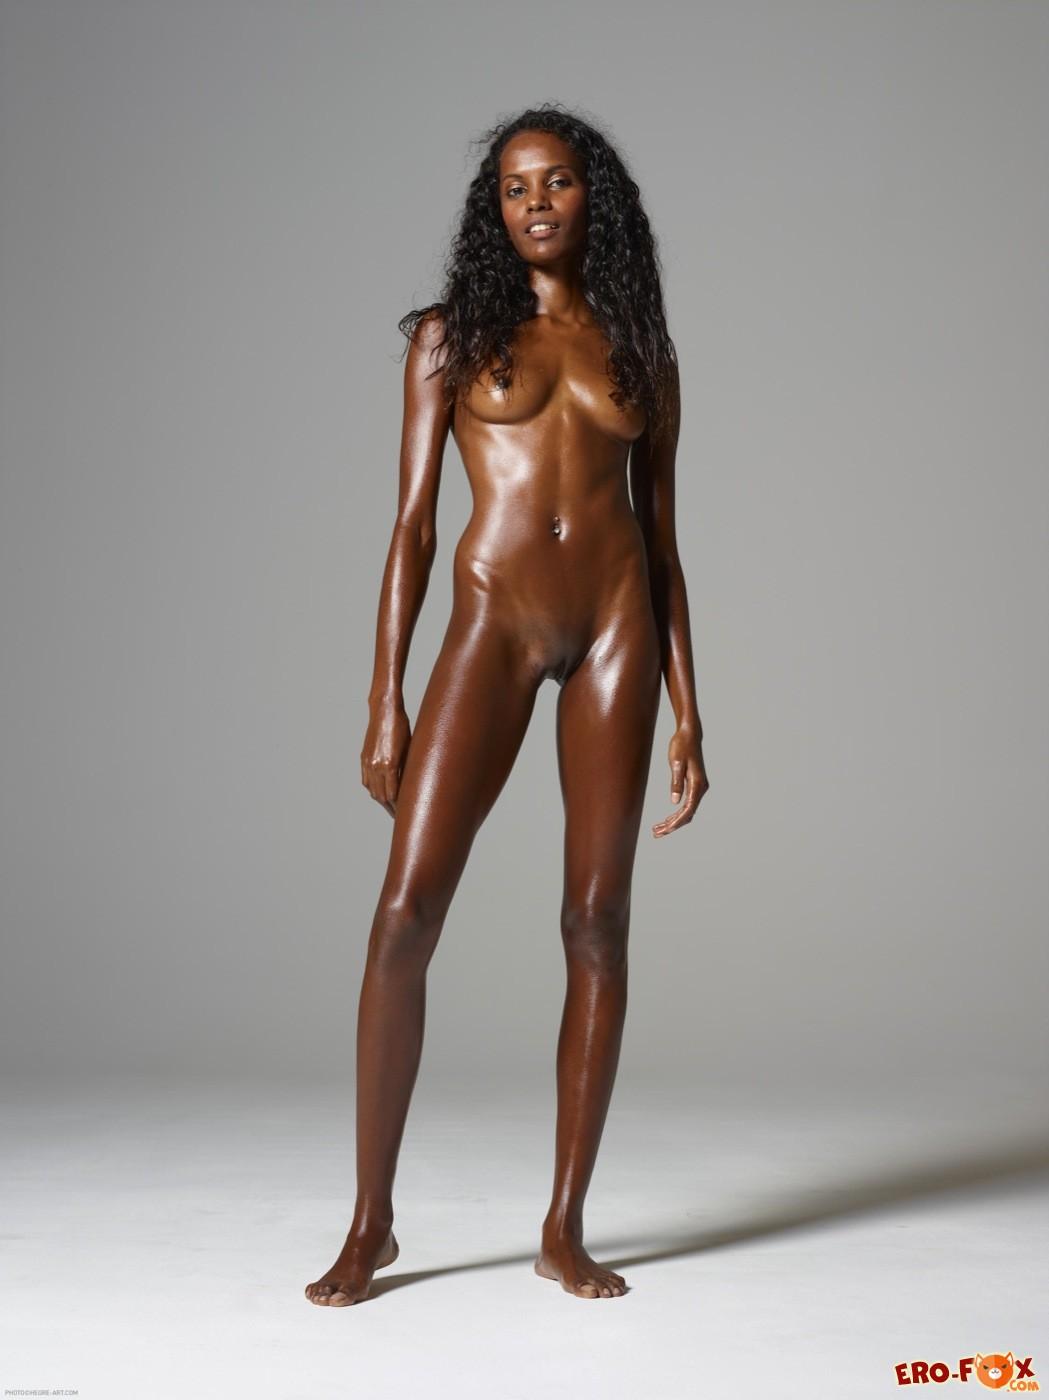 Голая негритянка обмазанная маслом - фото